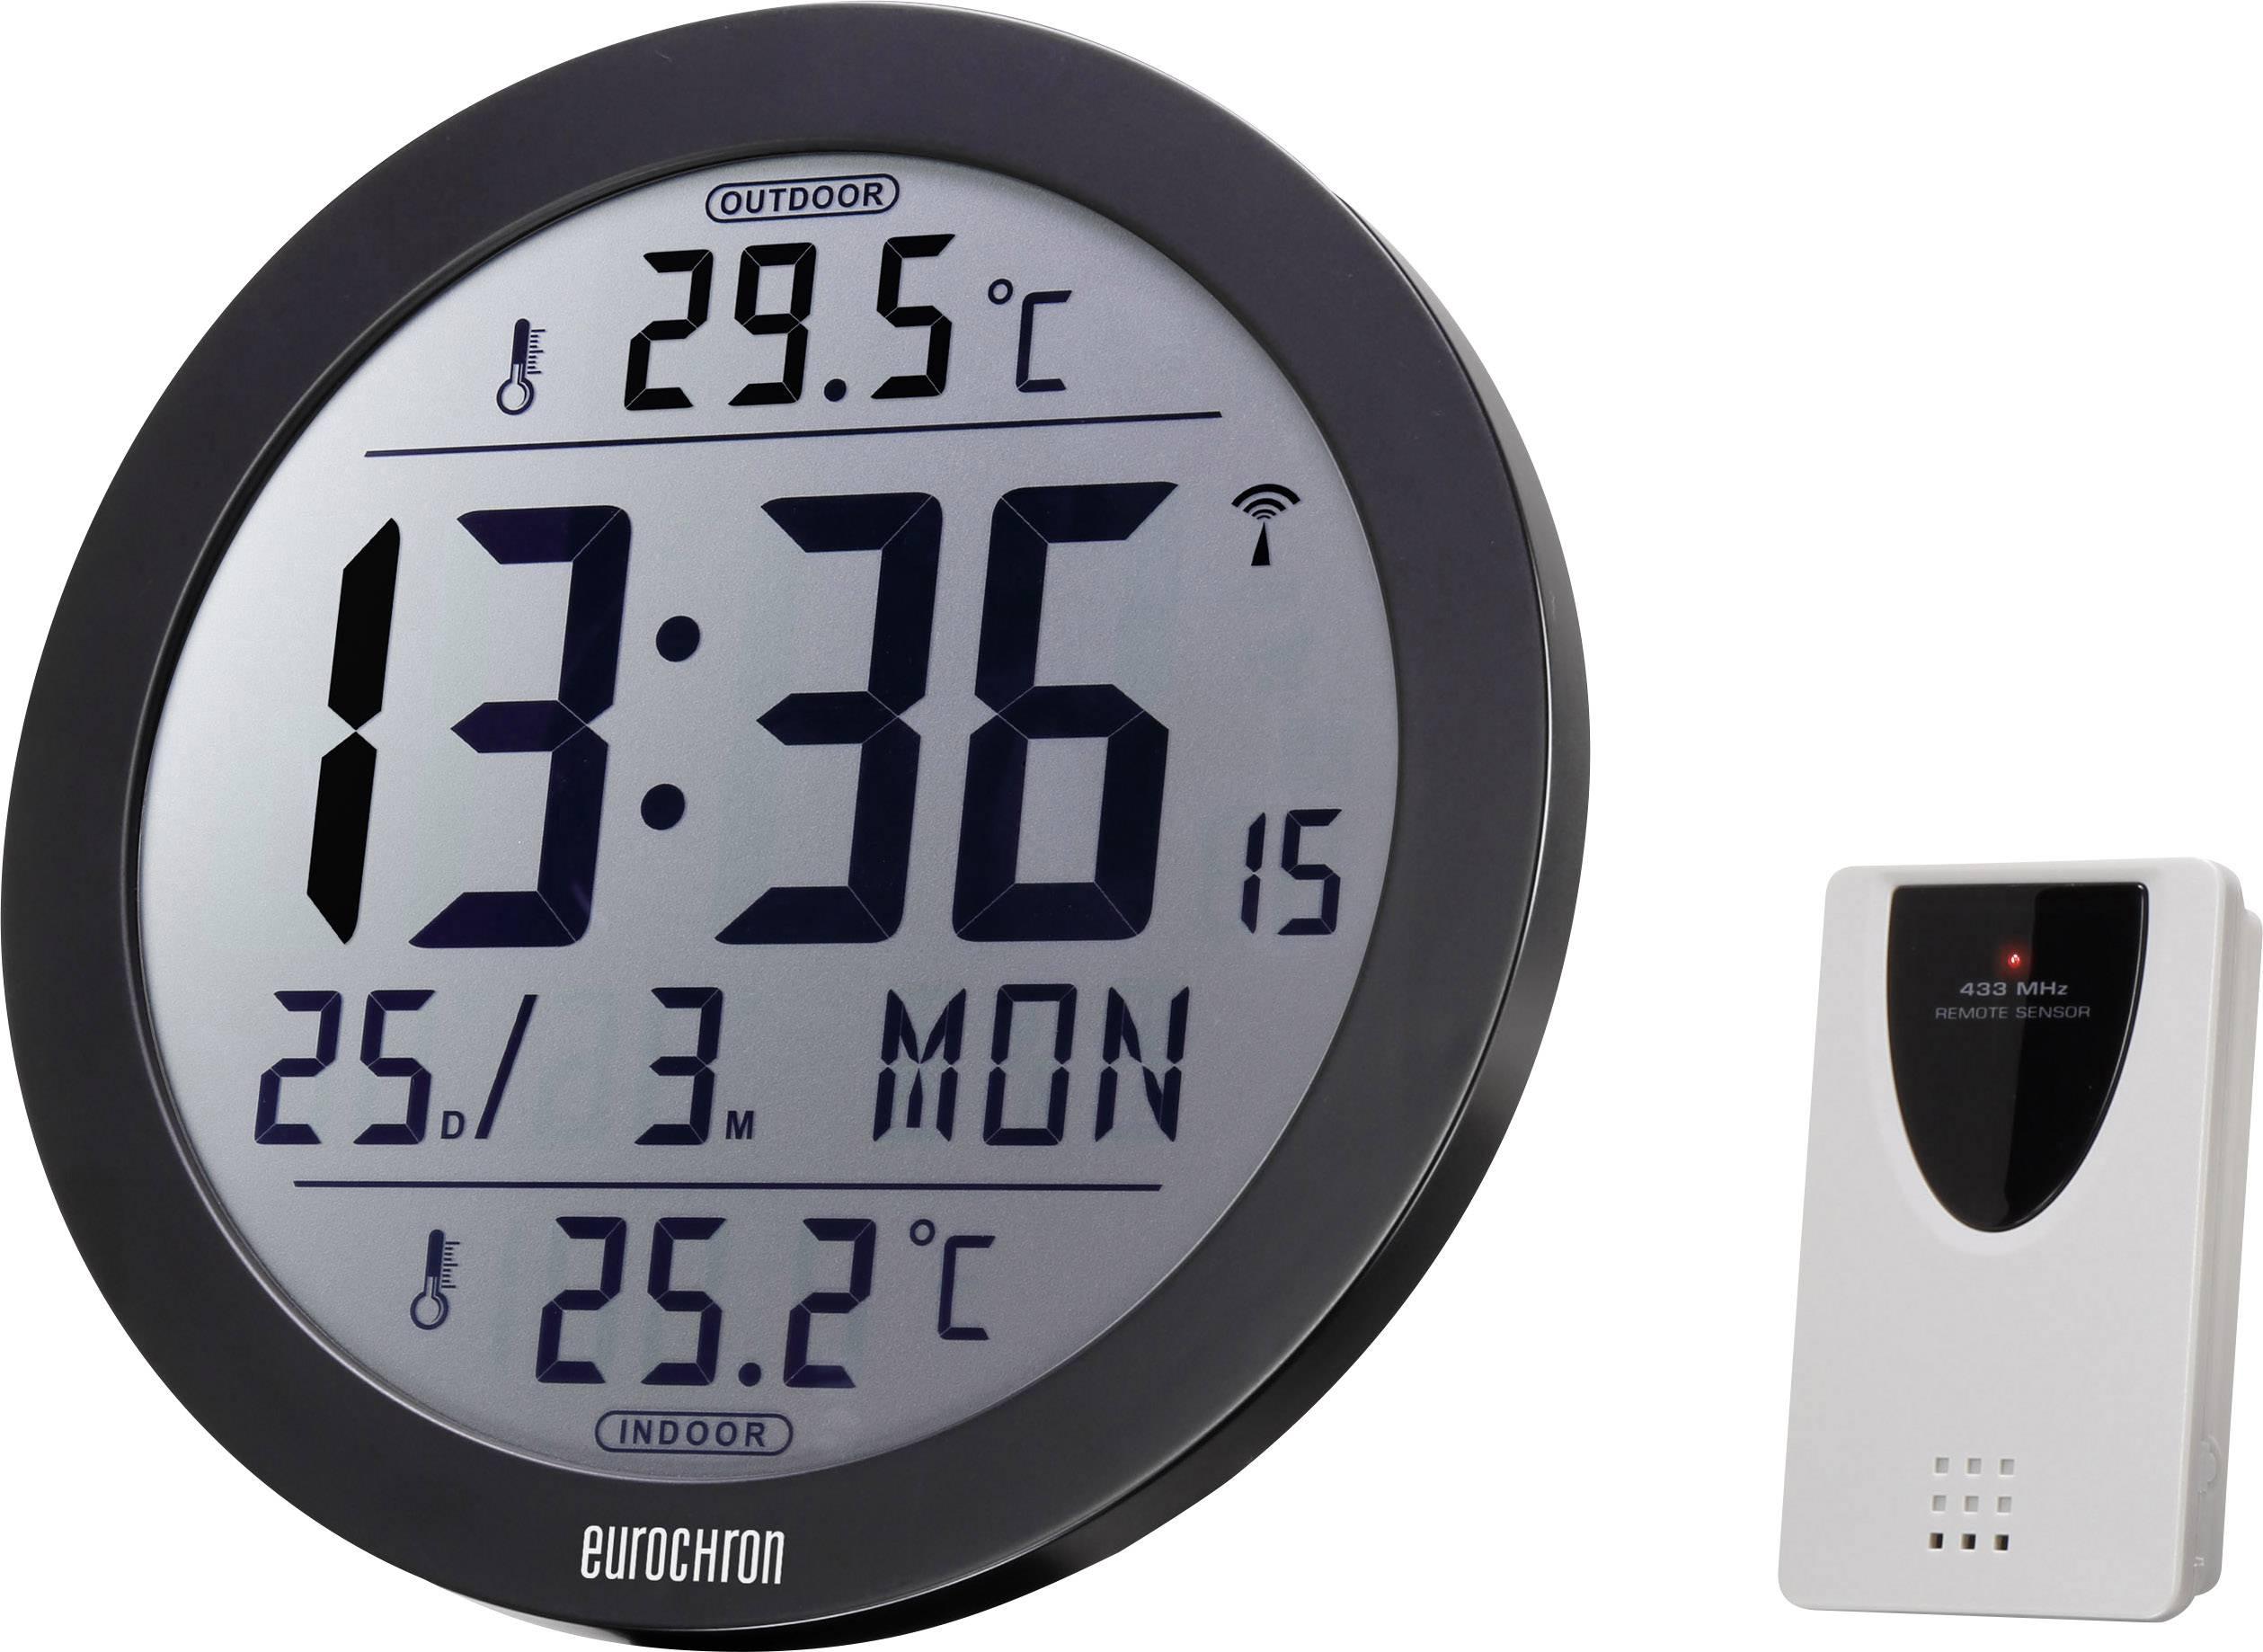 DCF nástenné hodiny Eurochron EFW 4002 EFW 4002, vonkajší Ø 210 mm, čierna